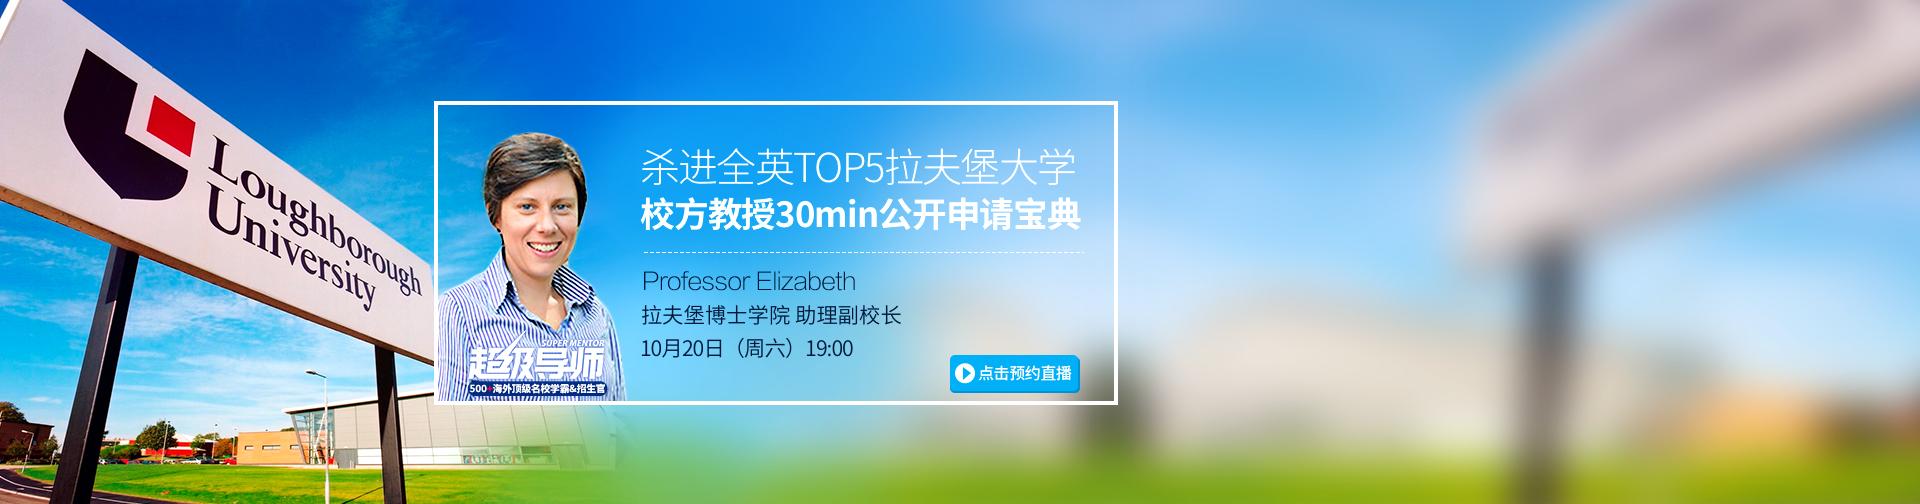 http://myoffer-public.oss-cn-shenzhen.aliyuncs.com/banners/39d3109f46bb86425abec59690f29000-529459-1920x504.jpeg